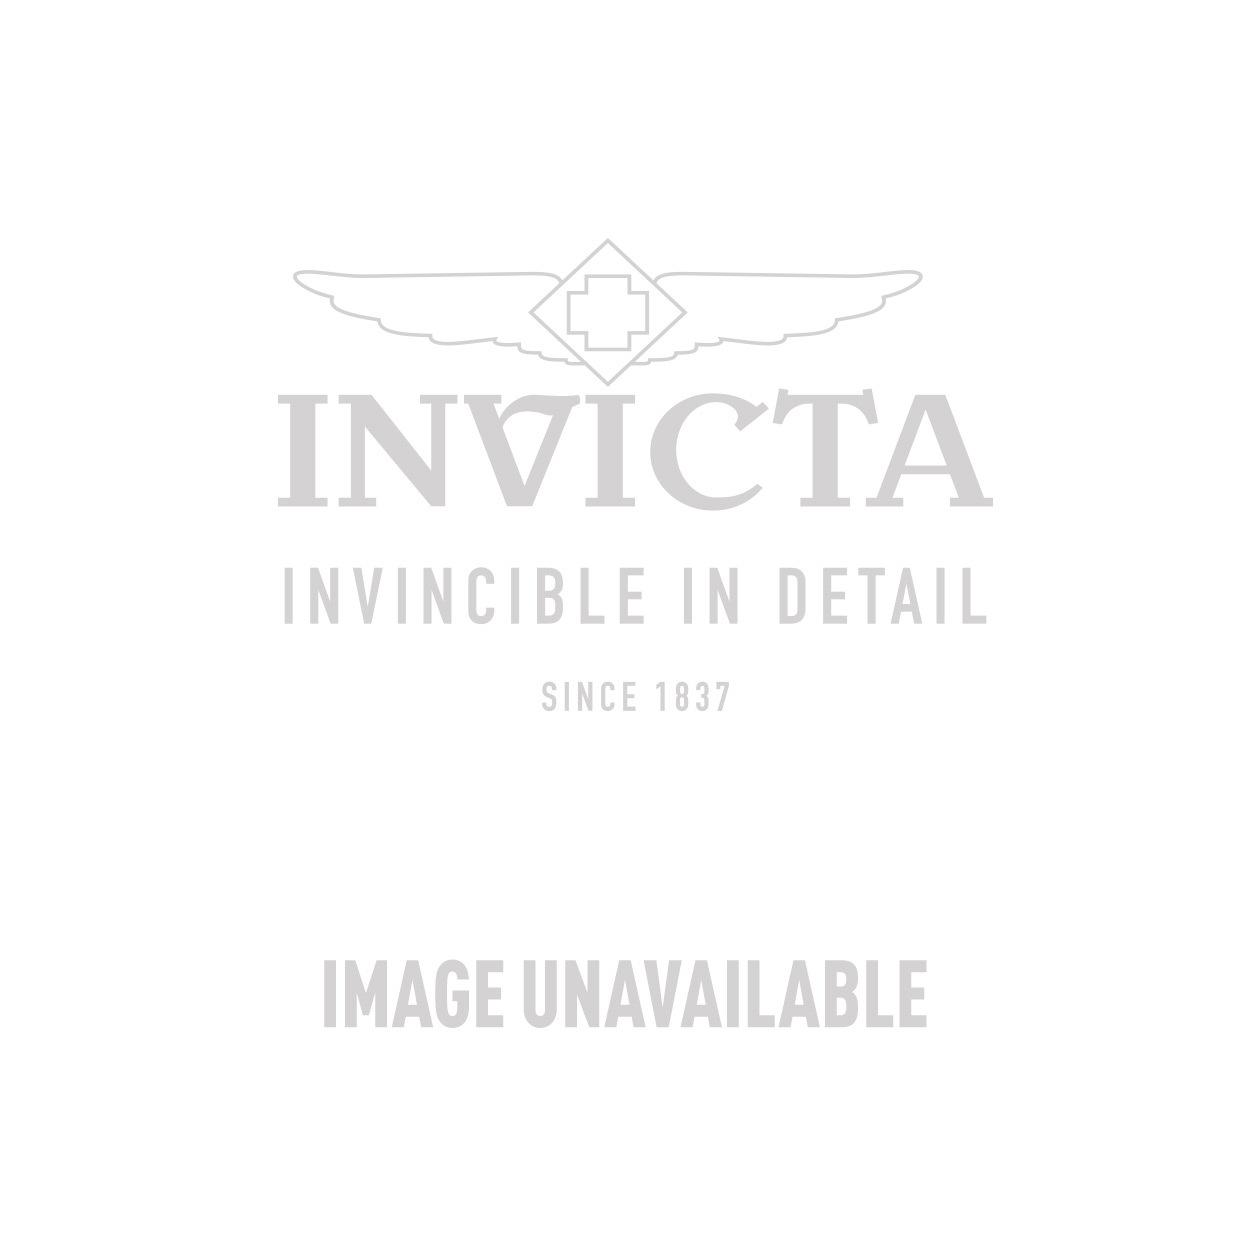 Invicta Model 27790